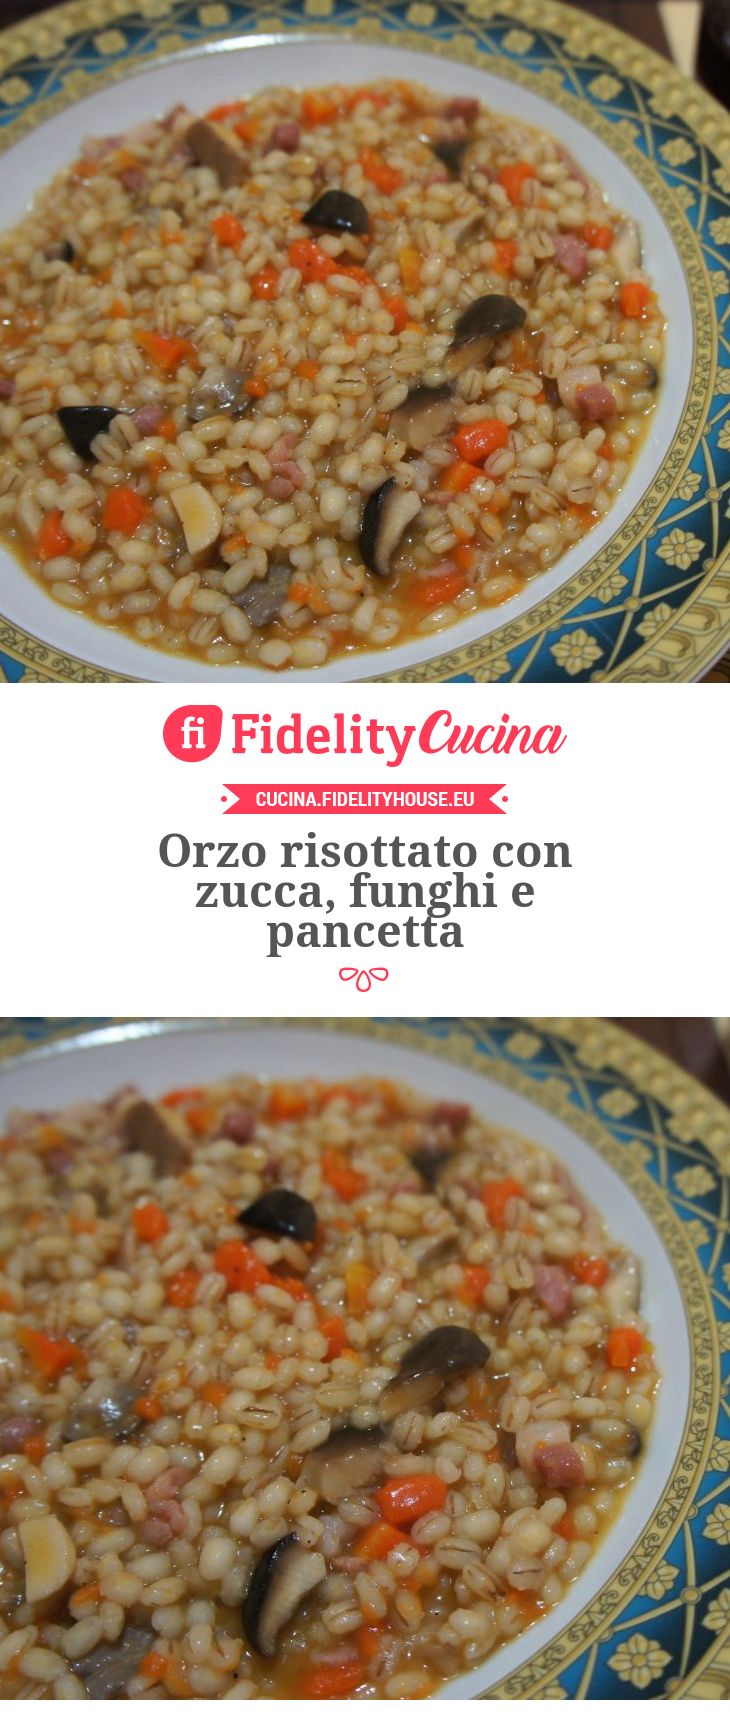 Orzo risottato con zucca, funghi e pancetta